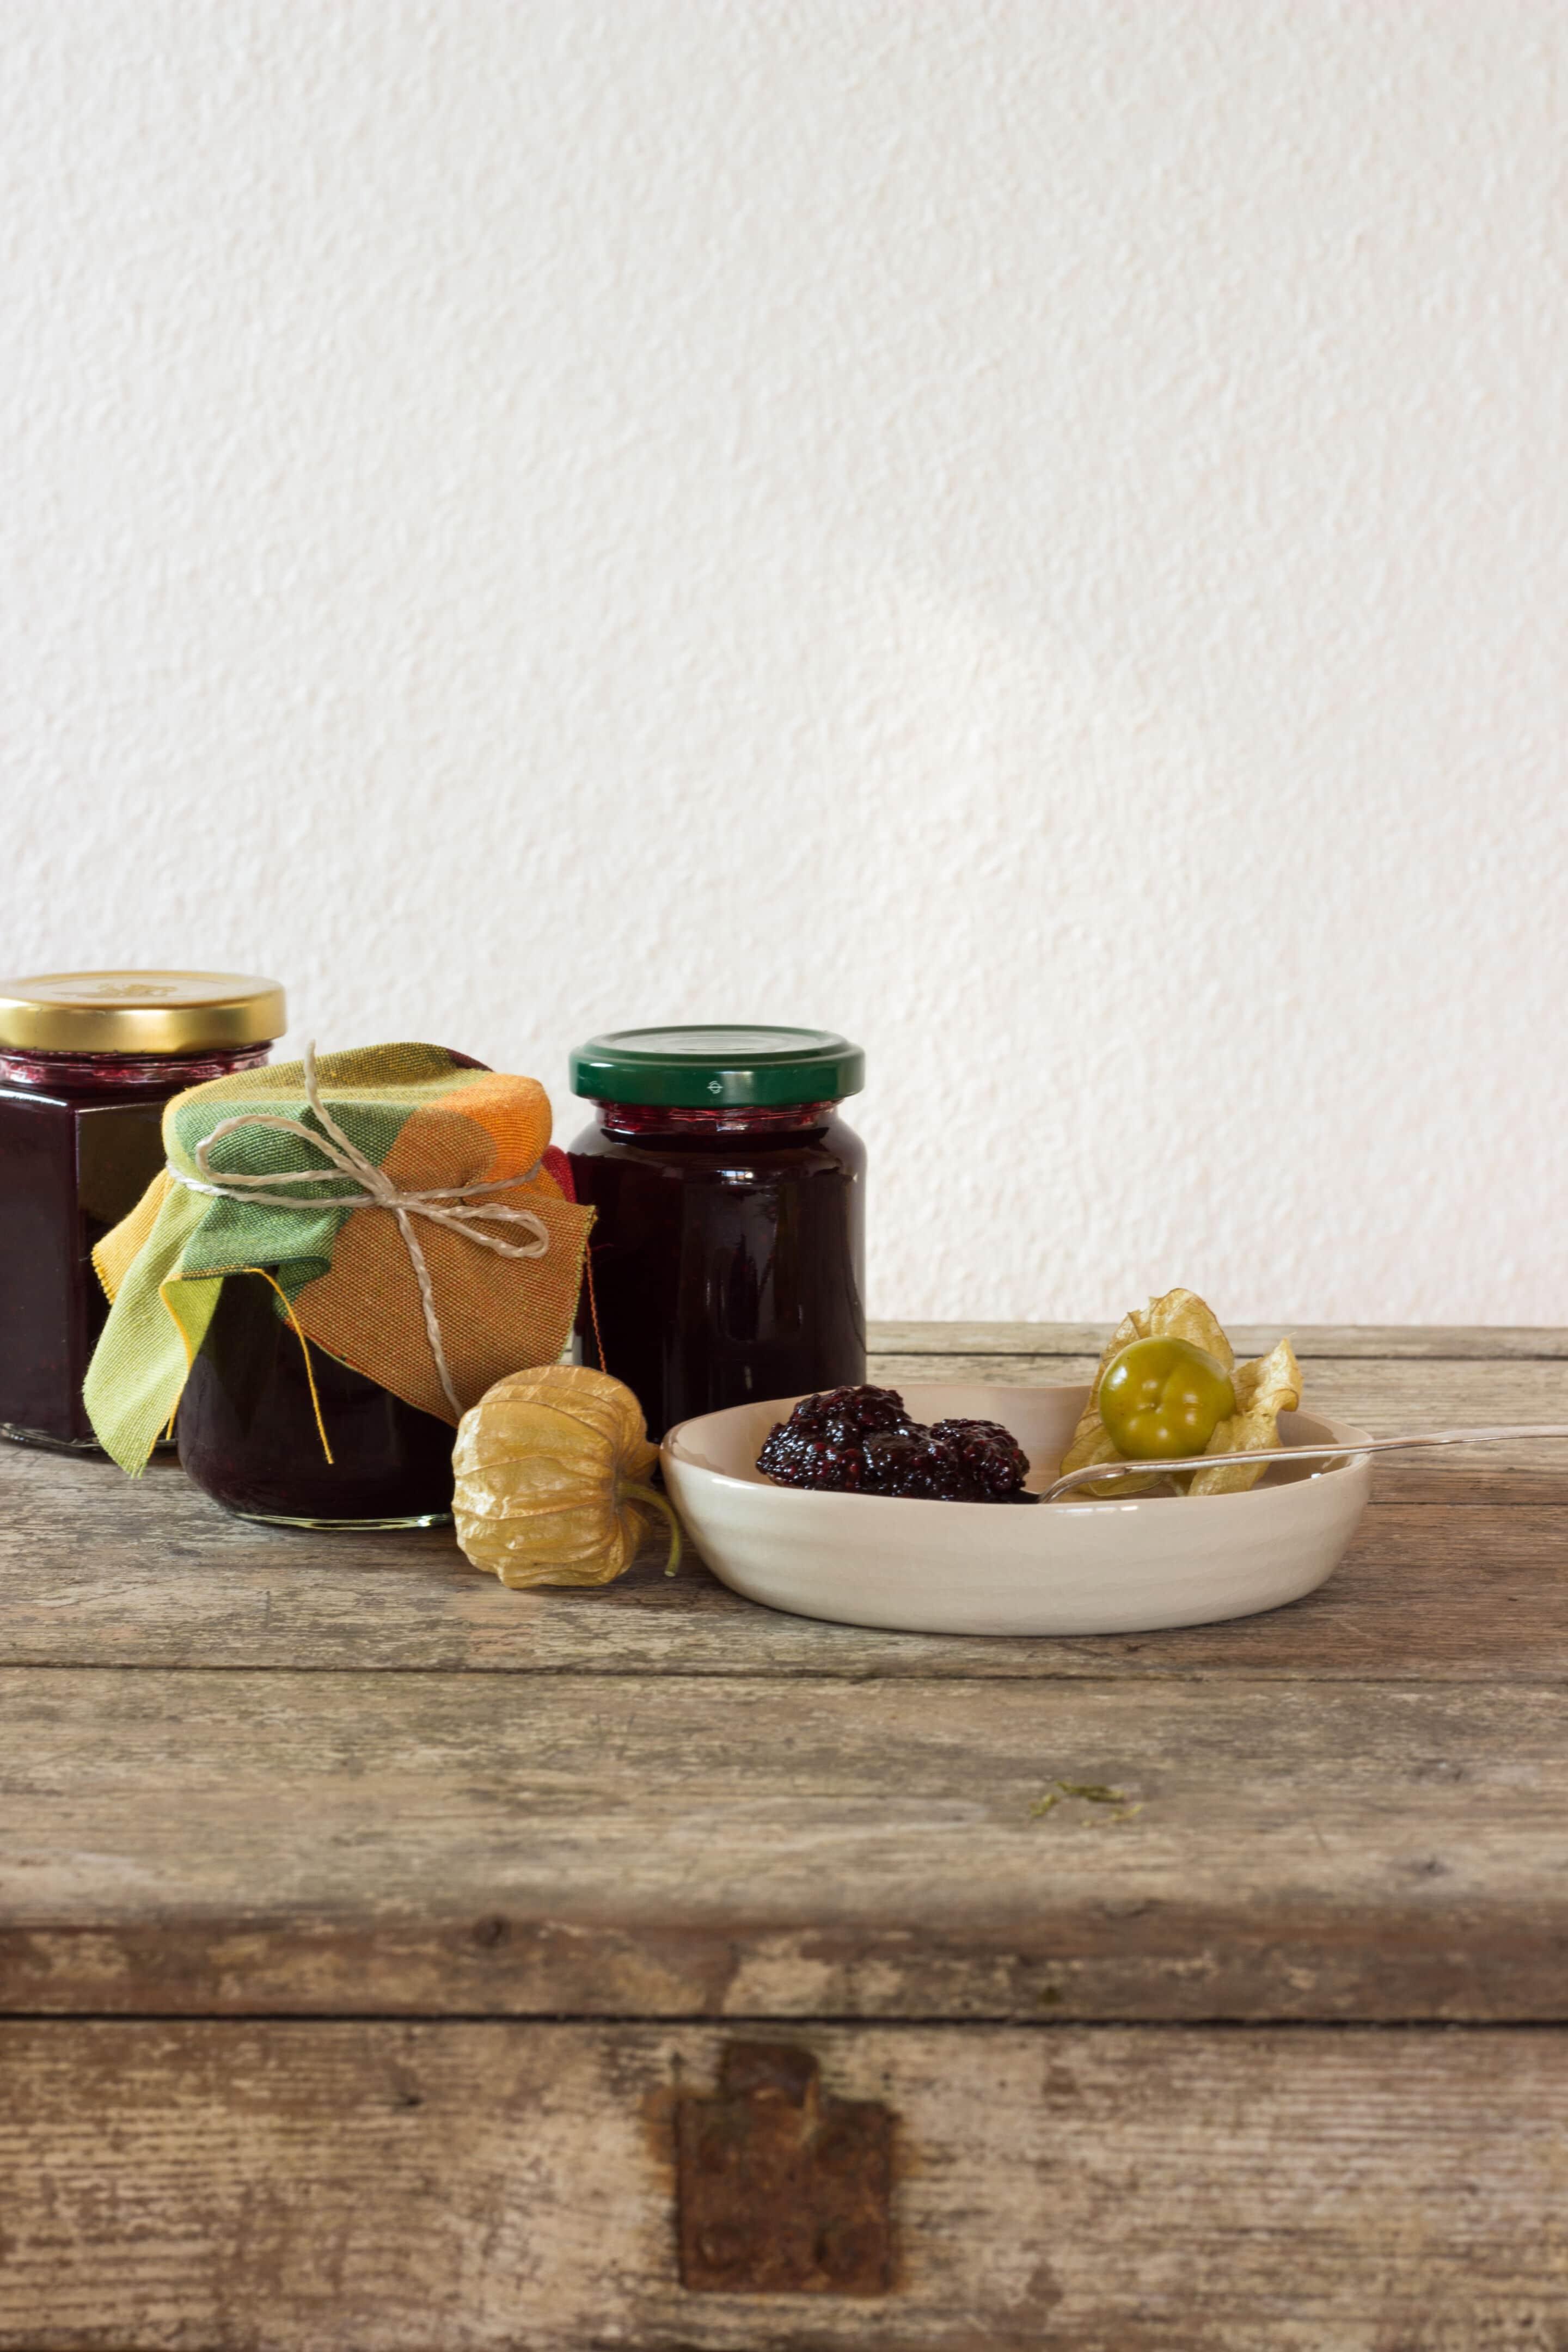 Brombeer-Physalis-Marmelade mit Vanille oder Rezepte aus dem Saisongarten Teil 7